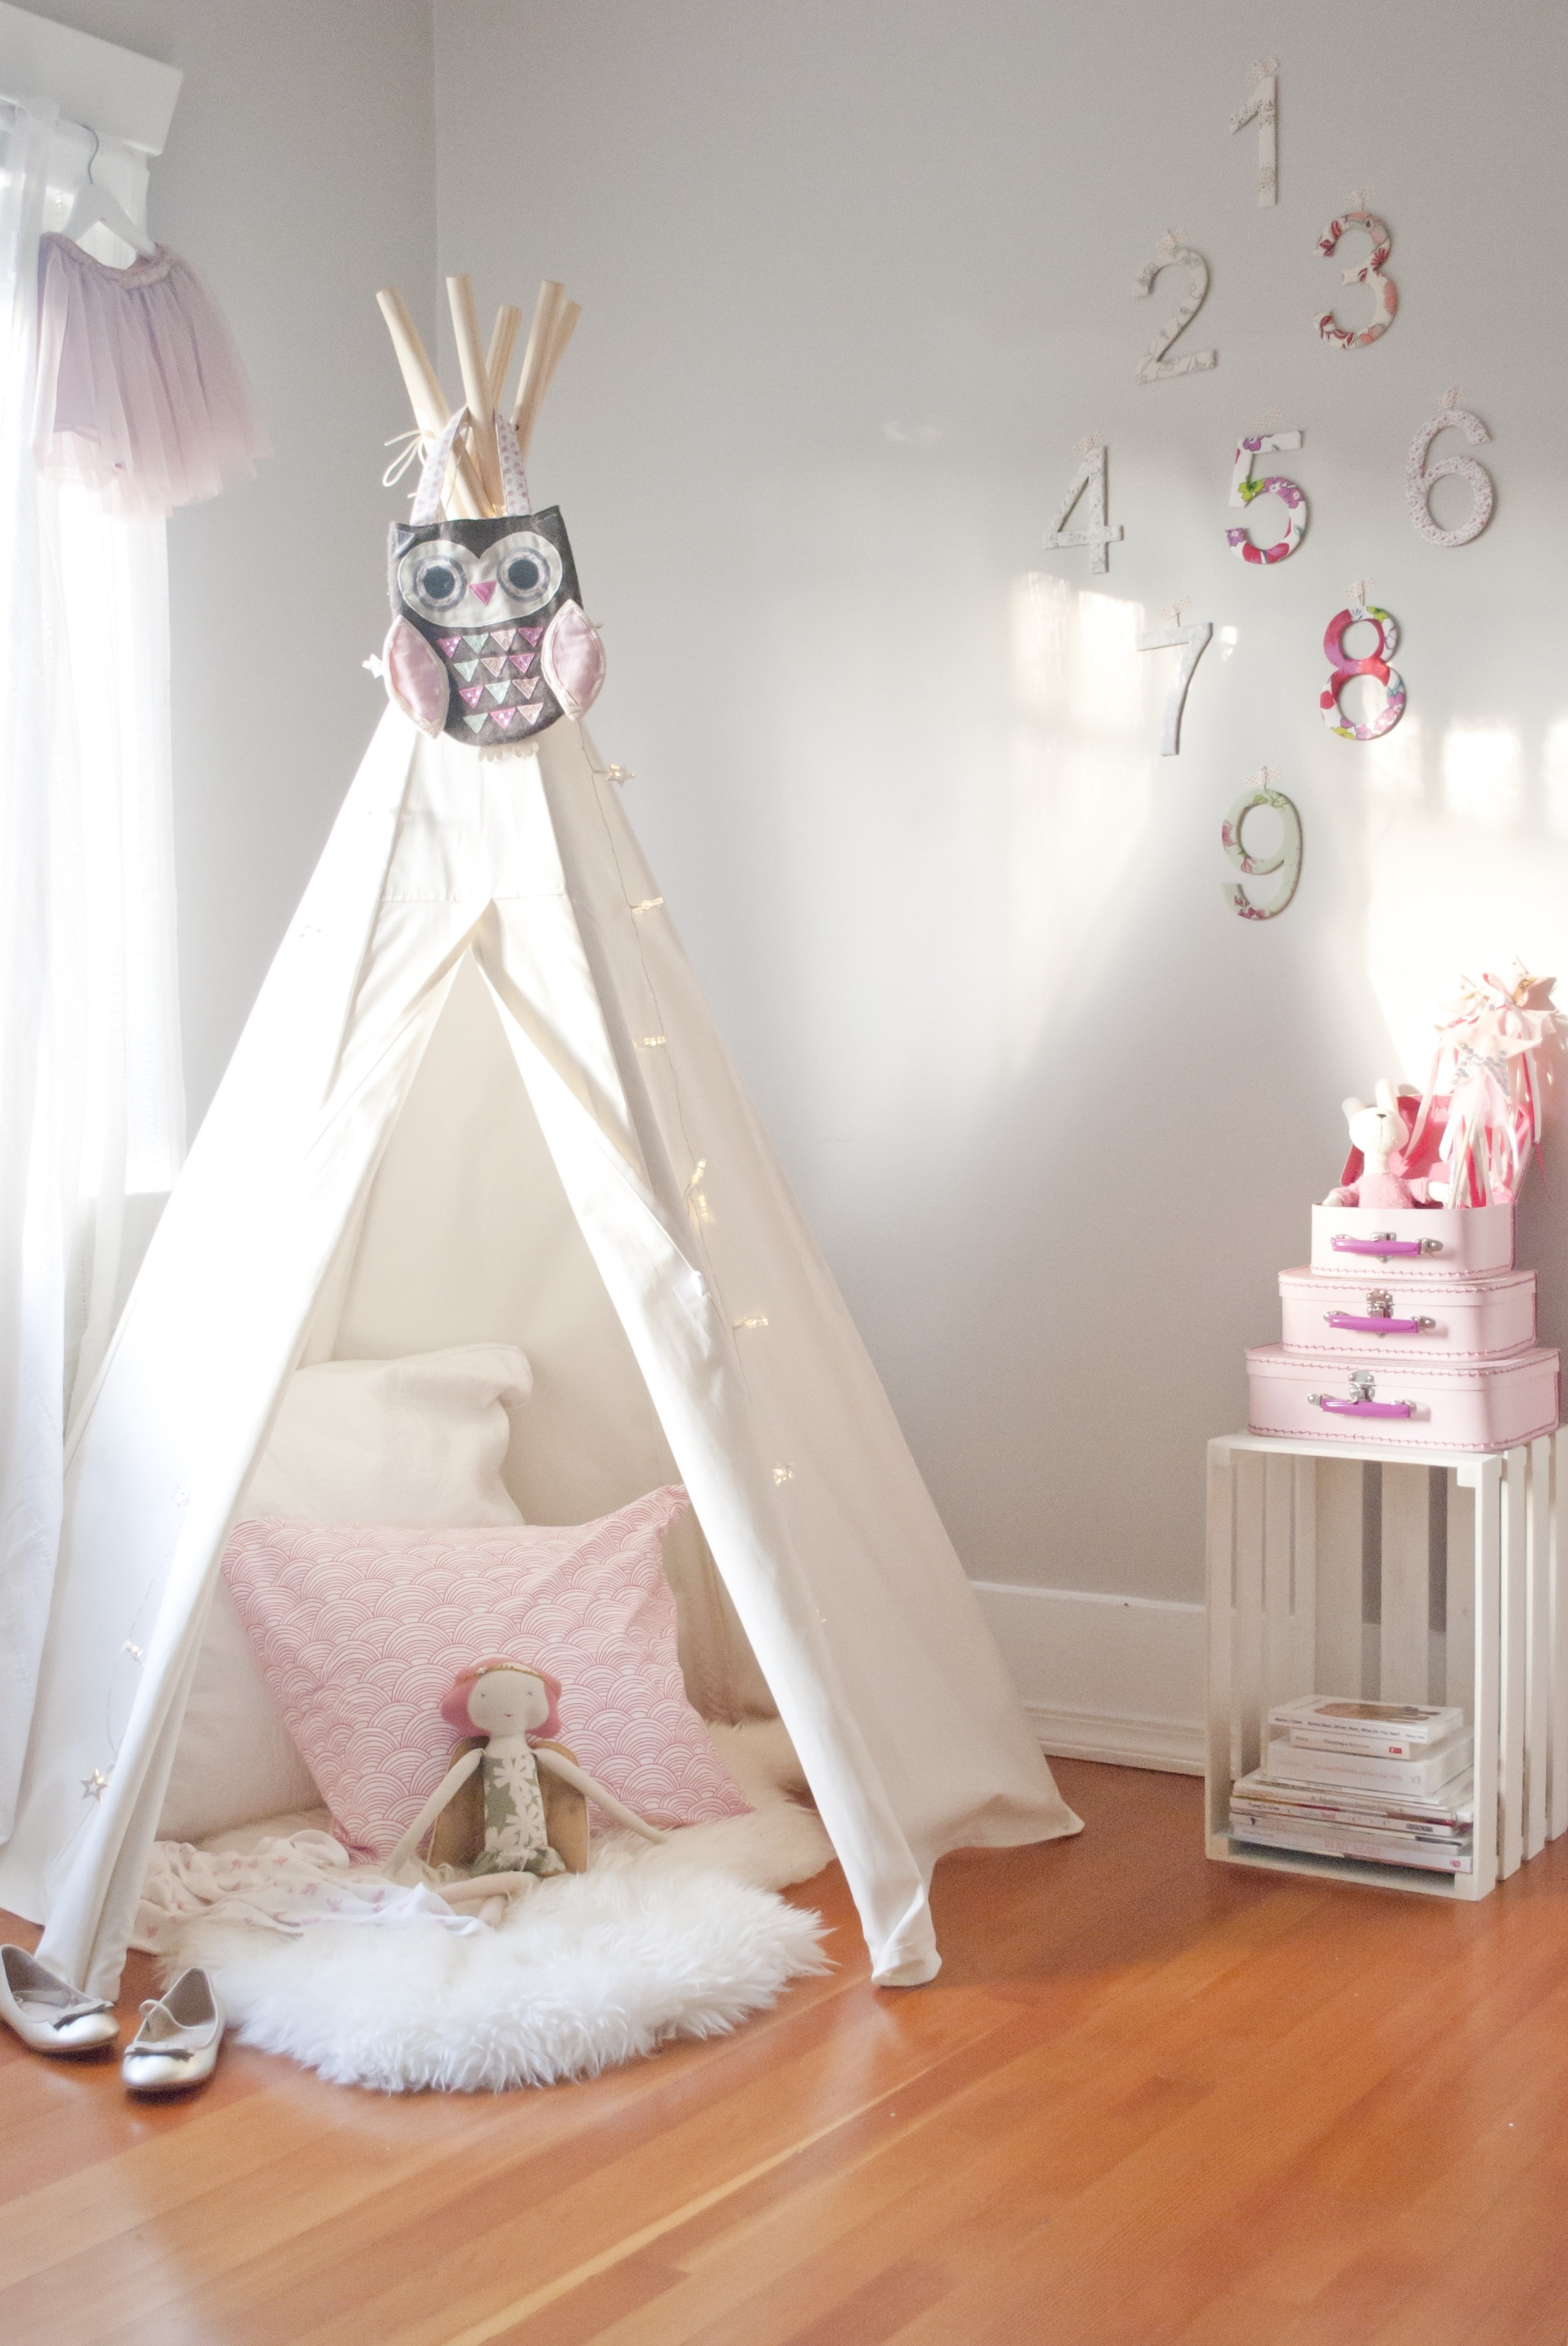 winter-daisy-interior-design-kids-playroom